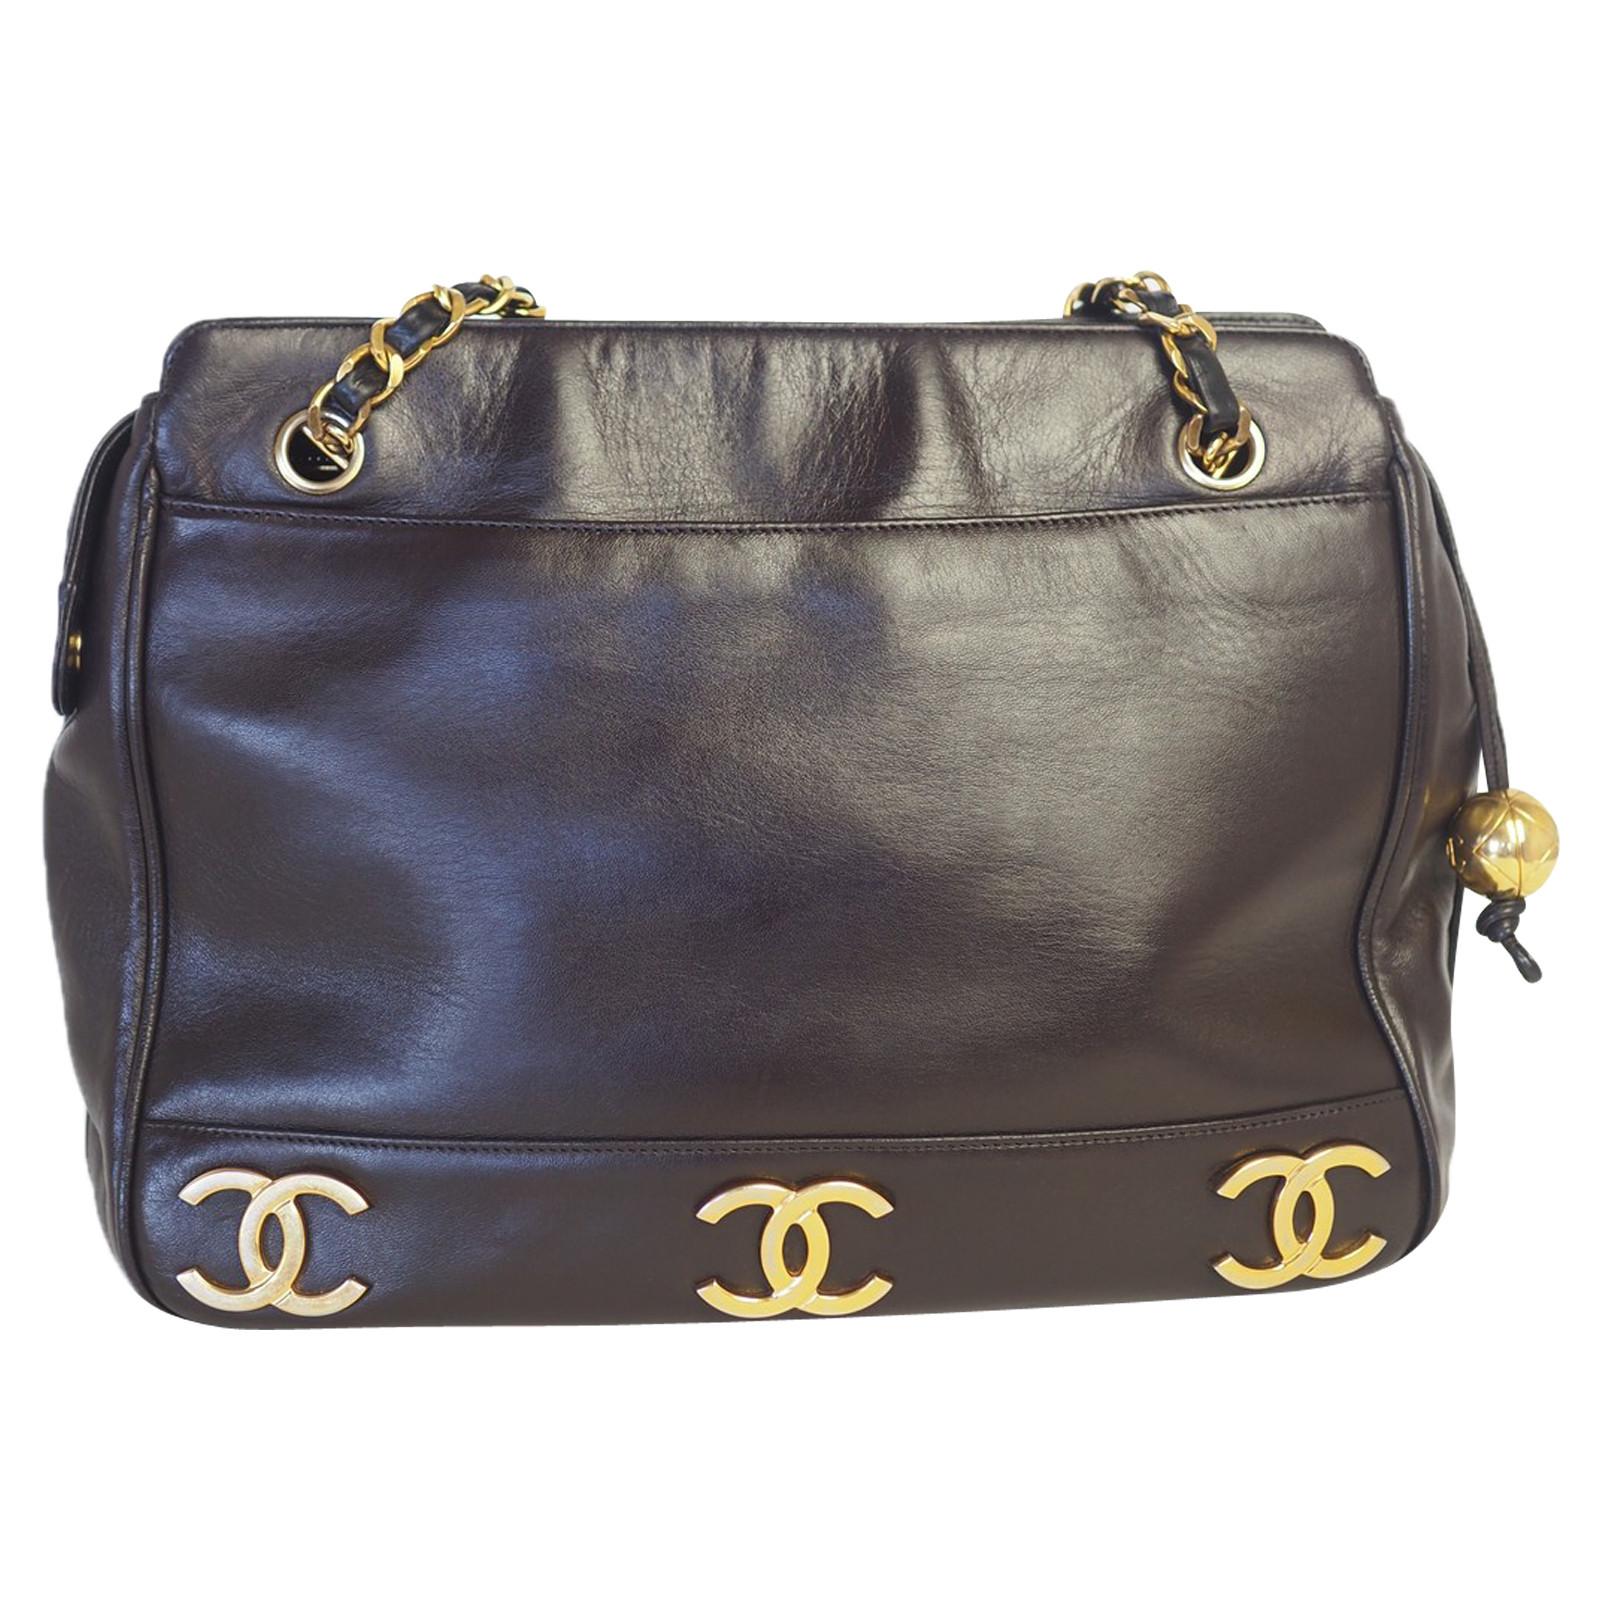 vendita calda online e8489 1b294 Chanel Borsa a tracolla in Pelle in Marrone - Second hand Chanel ...